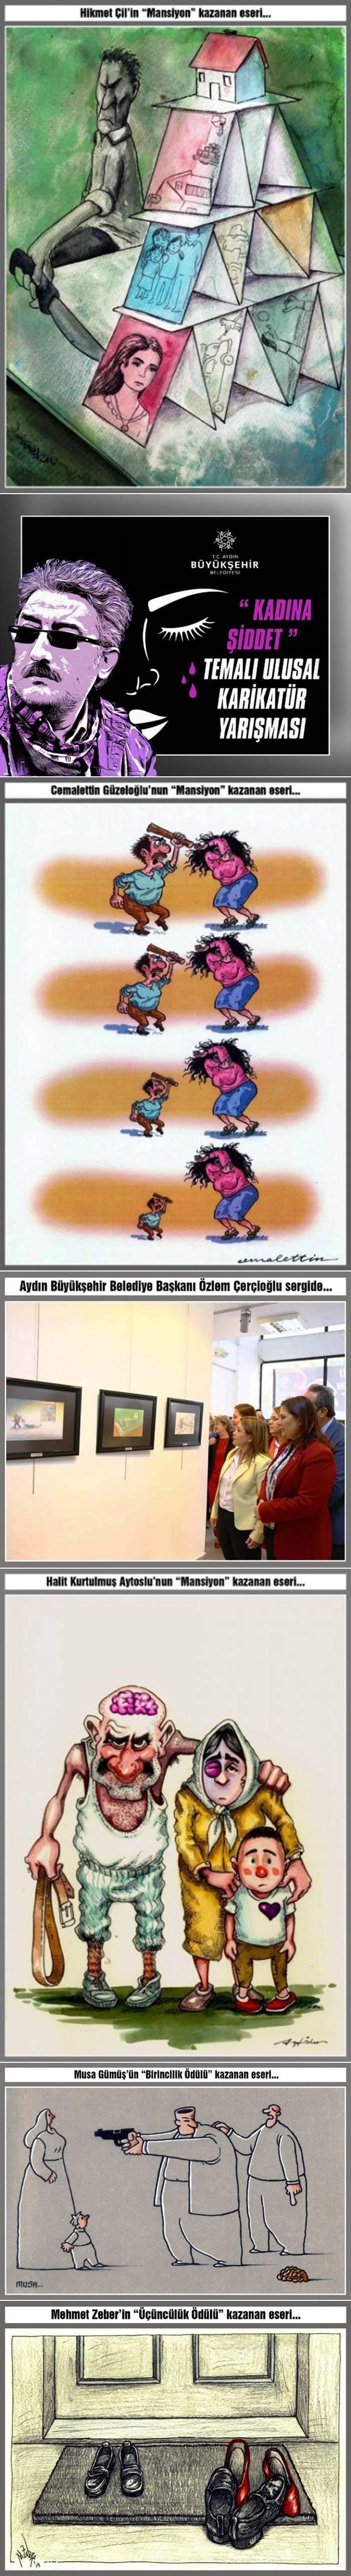 """Aydın Büyükşehir Belediyesi'nin düzenlediği """"Kadına Şiddet"""" konulu ulusal karikatür yarışmasında Boyabatlı karikatür sanatçısı Aşkın Ayrancıoğlu """"İkincilik Ödülü""""nü kazandı."""